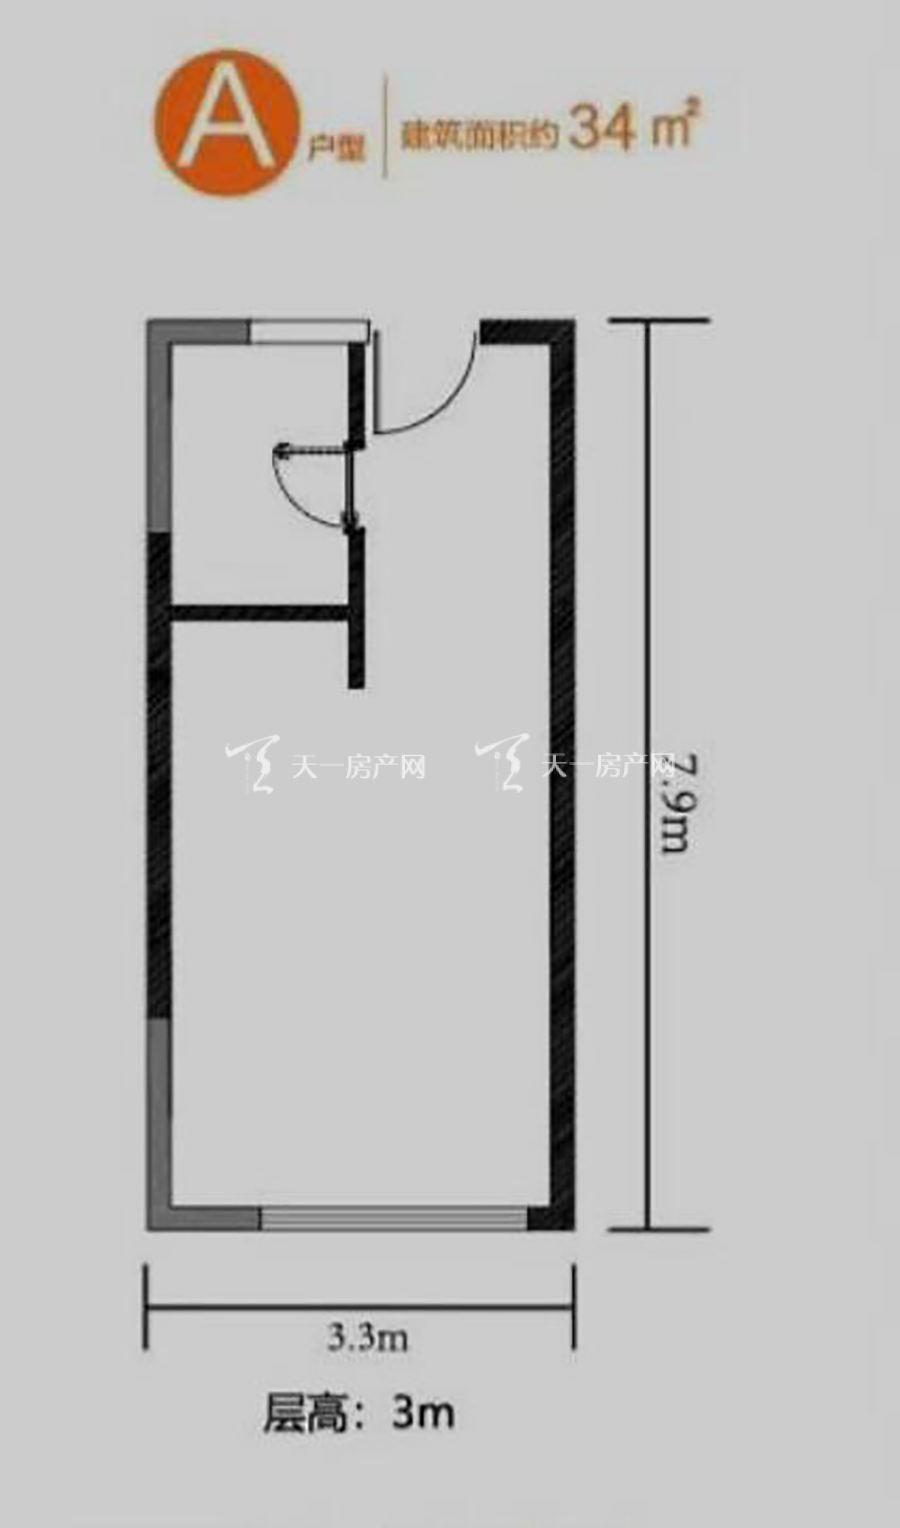 远洋新干线A户型 建筑面积34m²